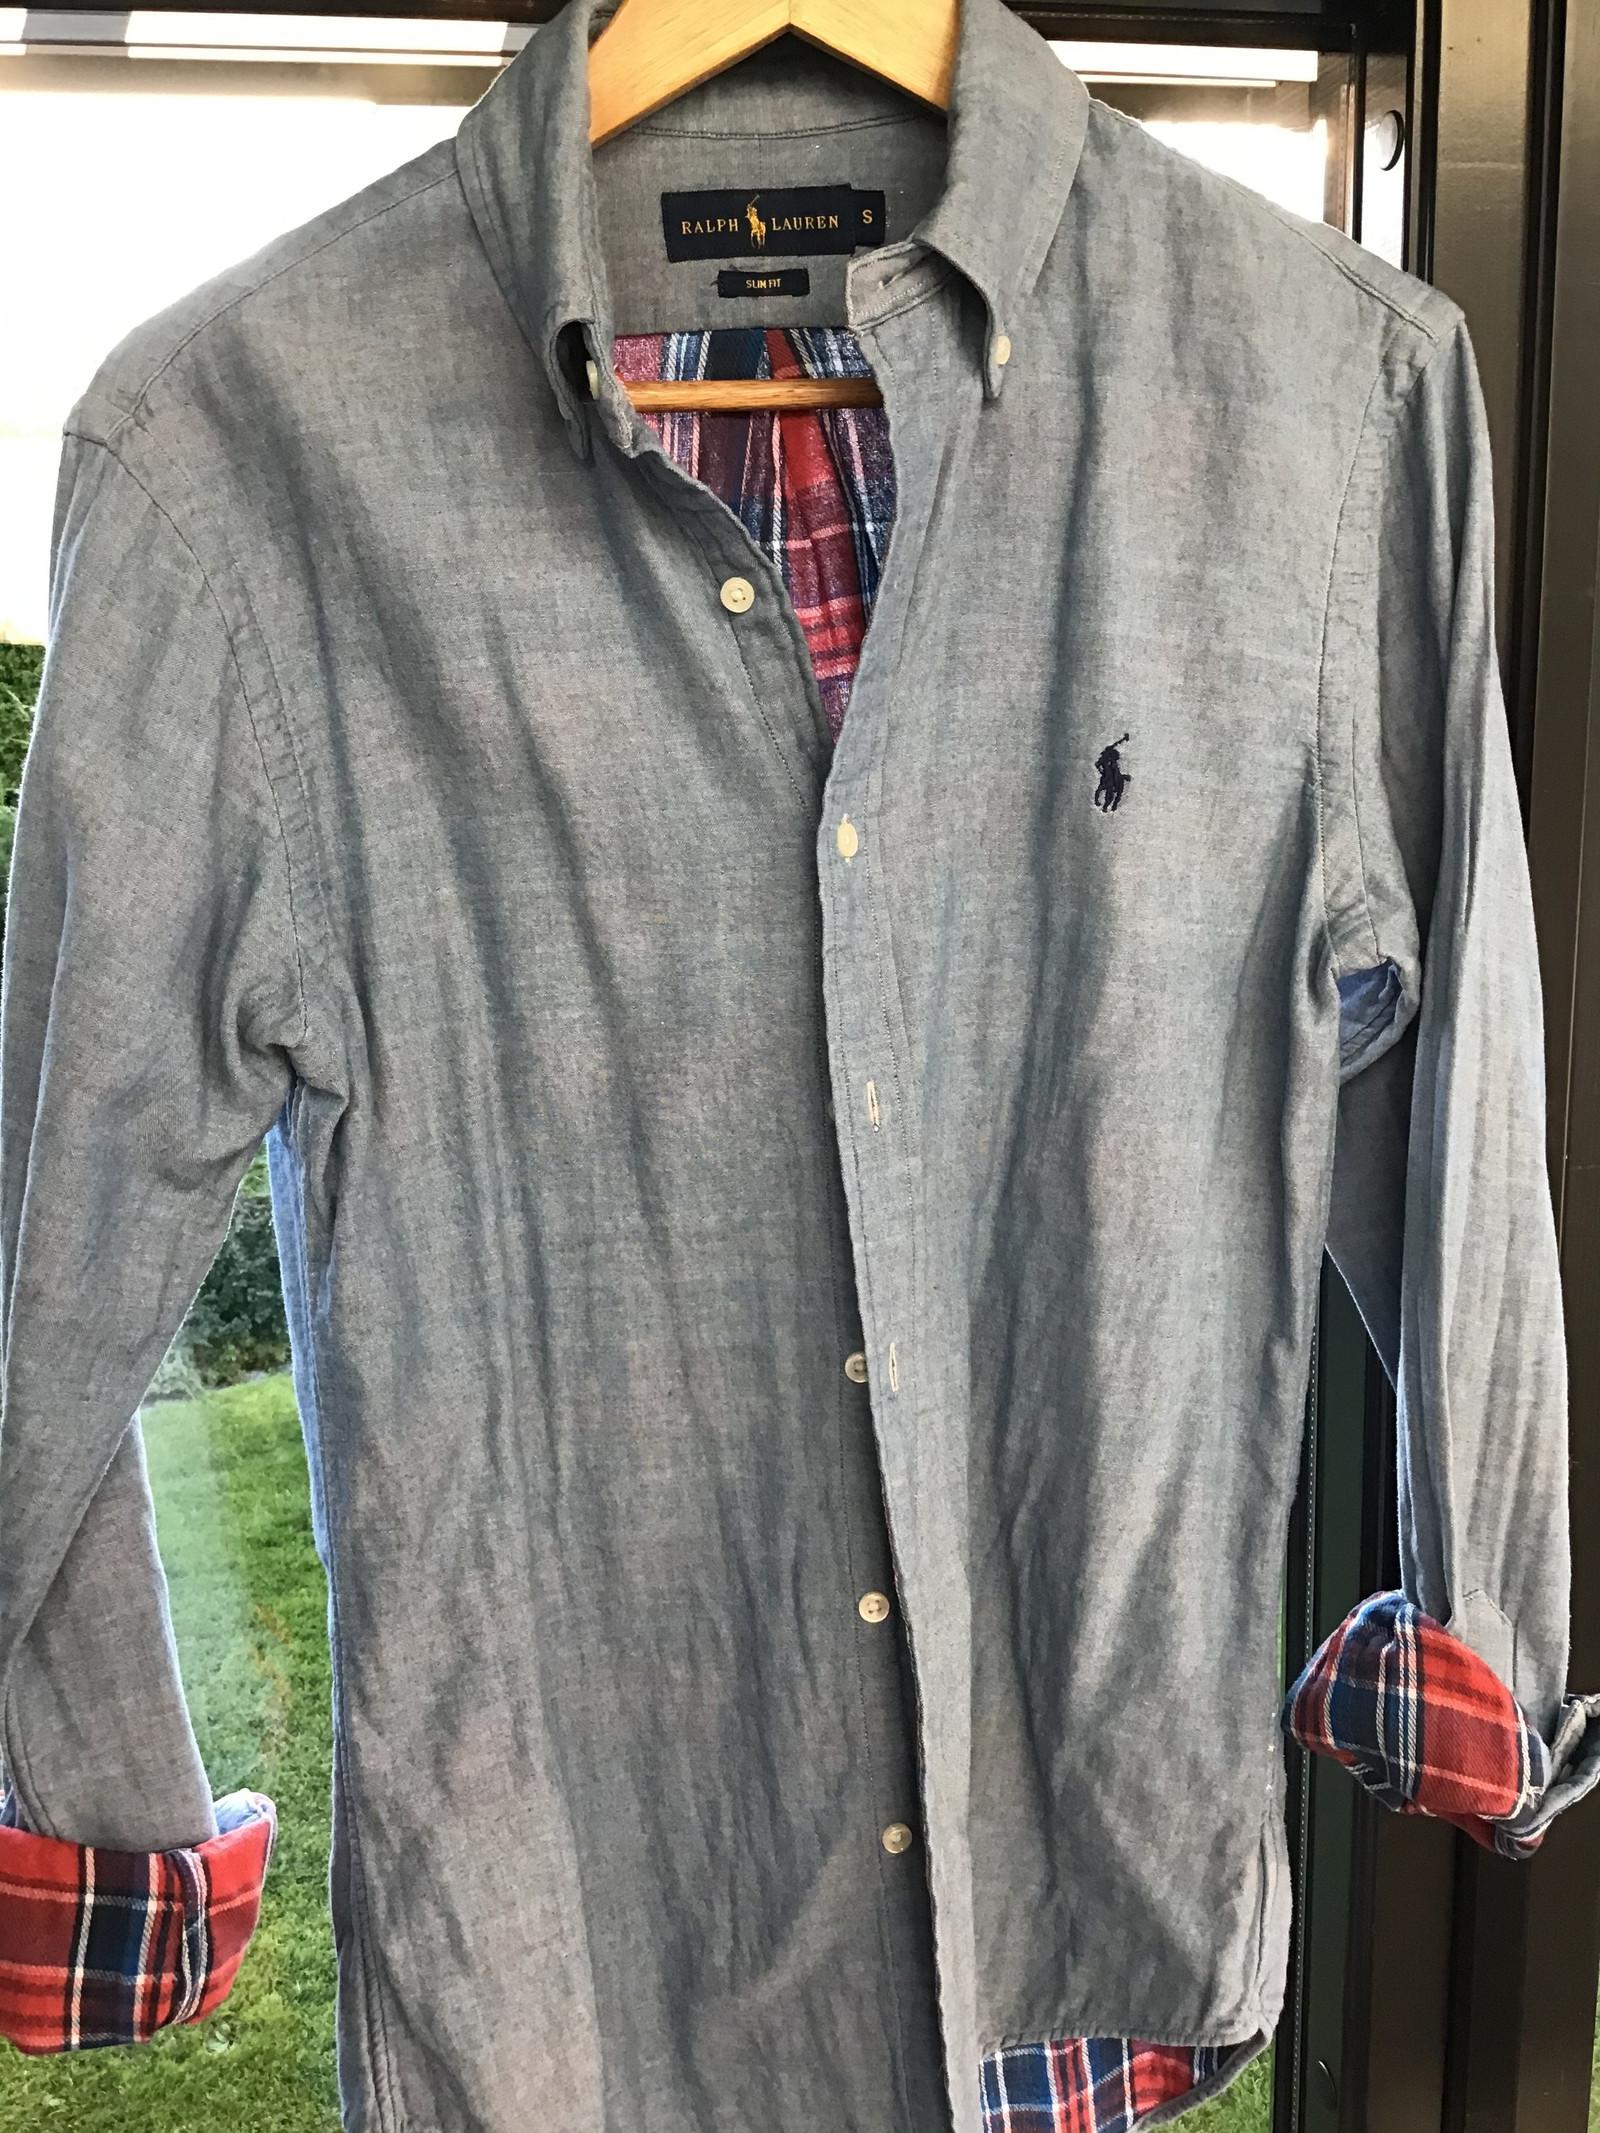 Pent brukt iSolid skjorte selges   FINN.no